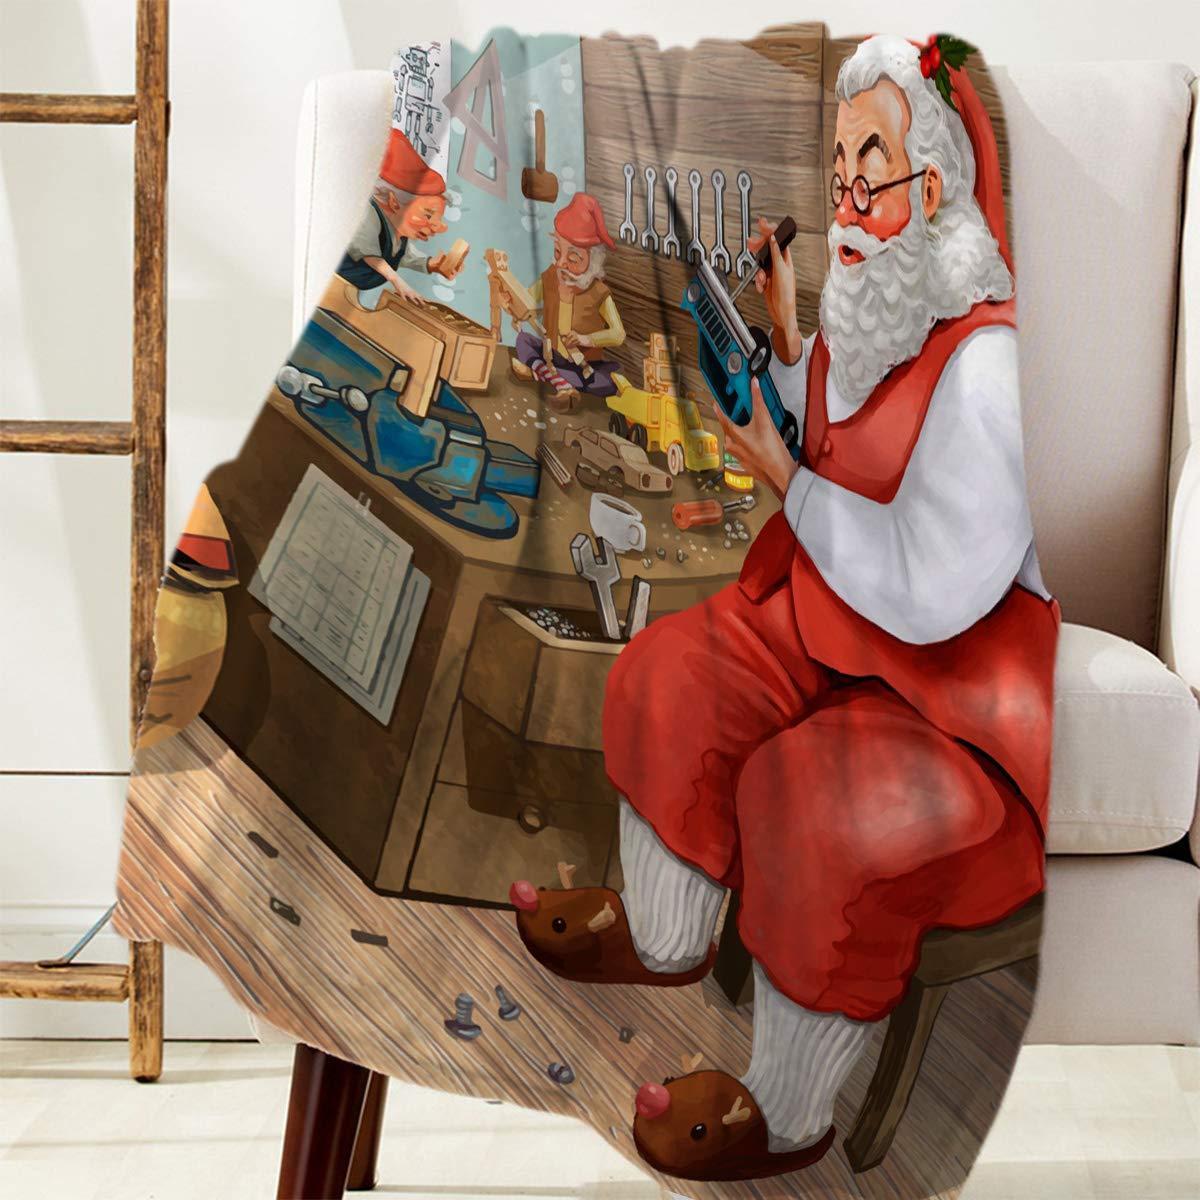 Tirar manta 40x50 pulgadas, mantas de franela suave ultra suave Navidad enano regalo haciendo acuarela ilustración, toda la temporada mullida